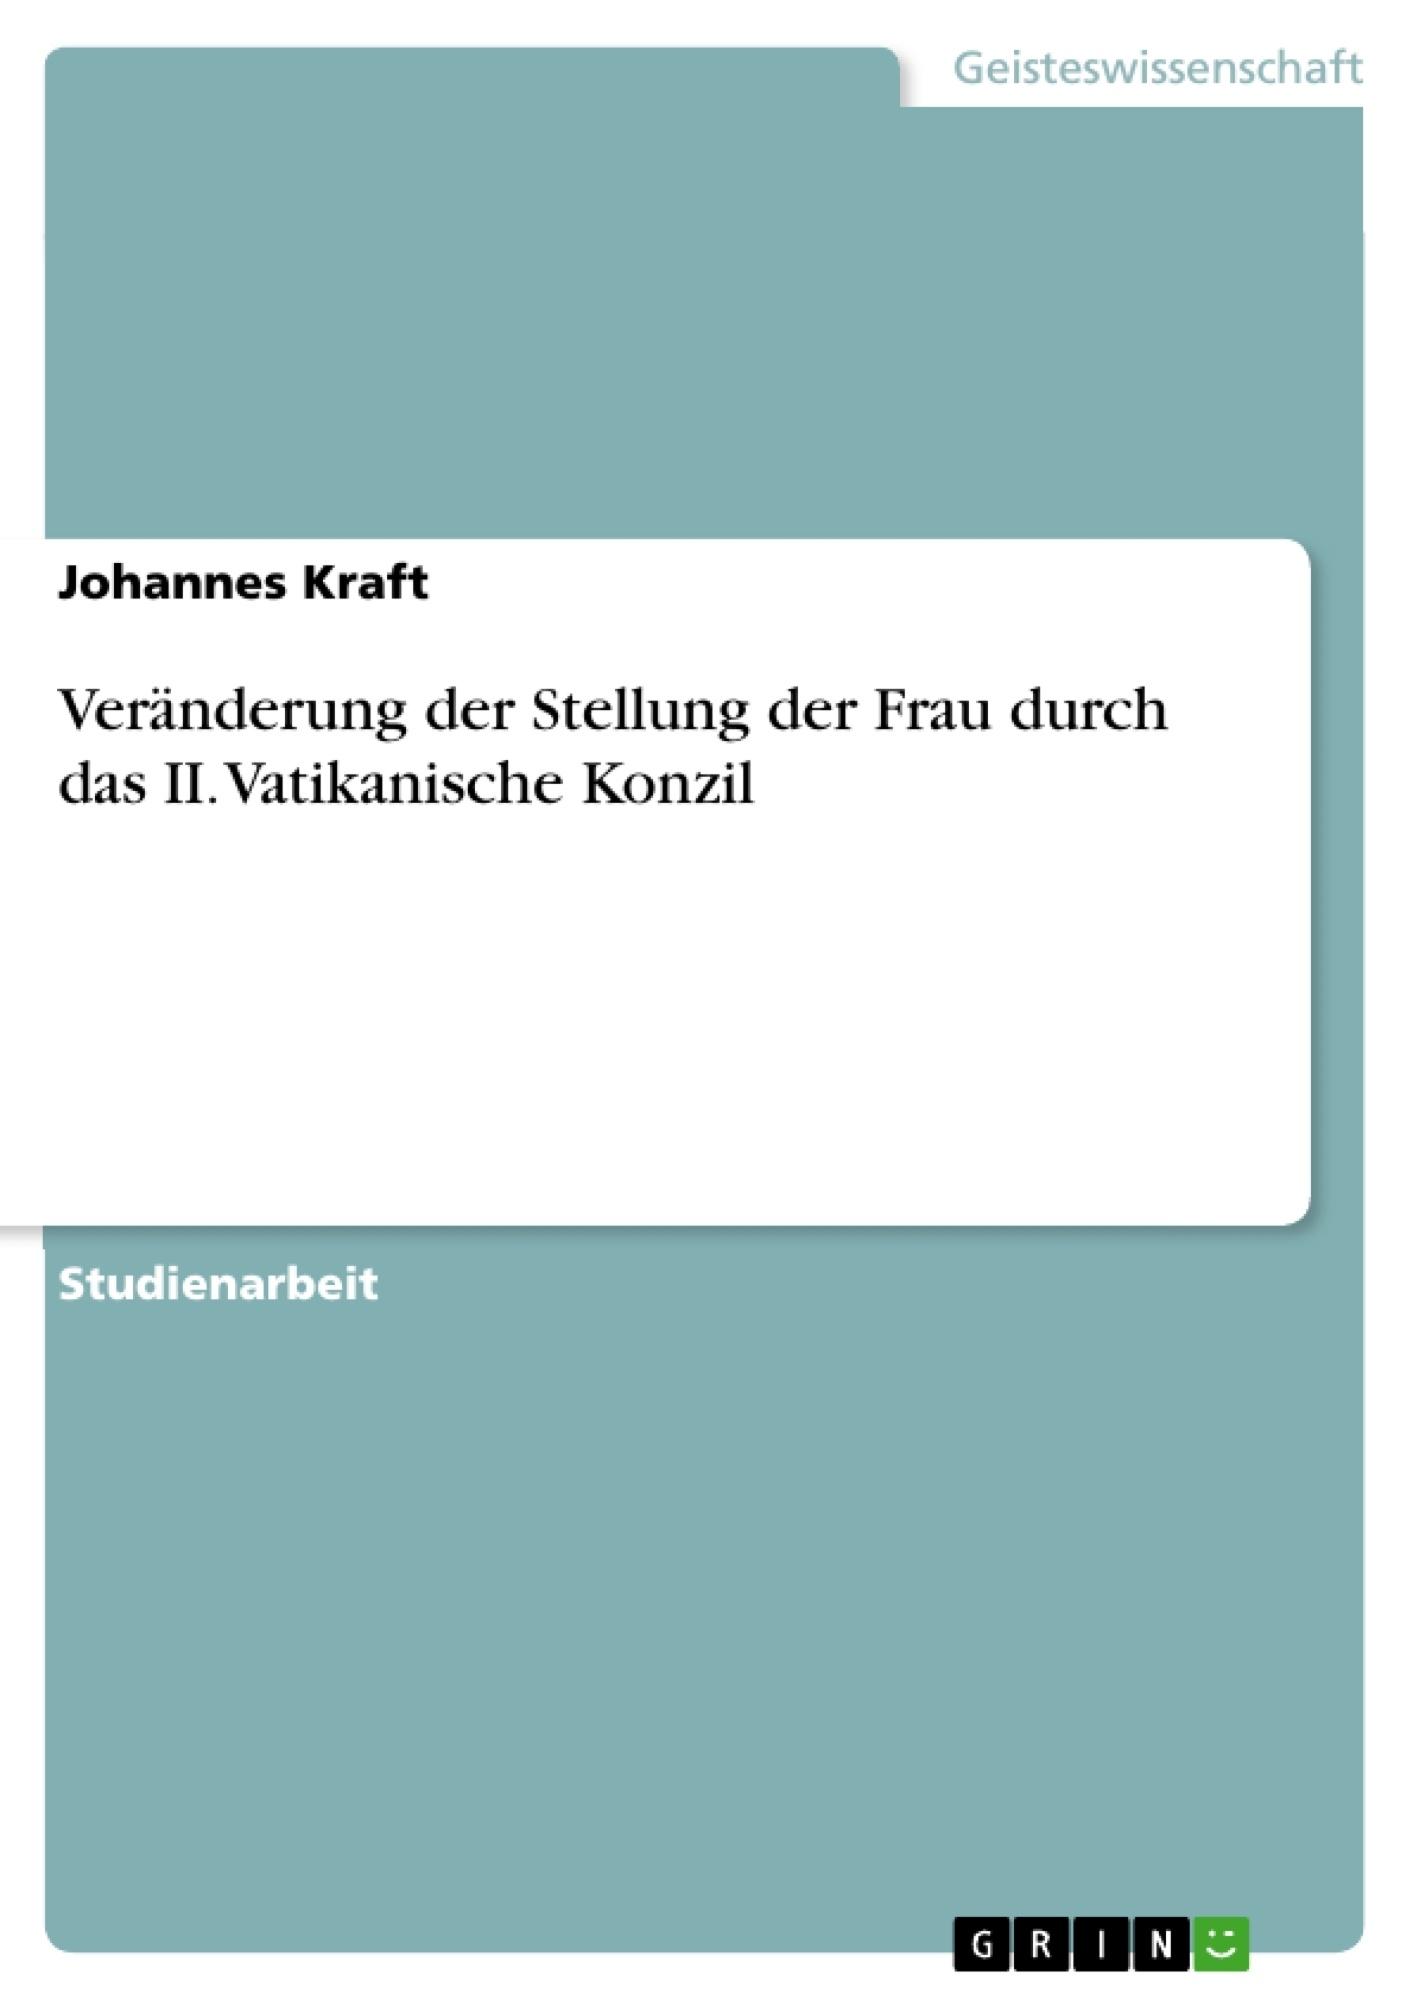 Titel: Veränderung der Stellung der Frau durch das II. Vatikanische Konzil